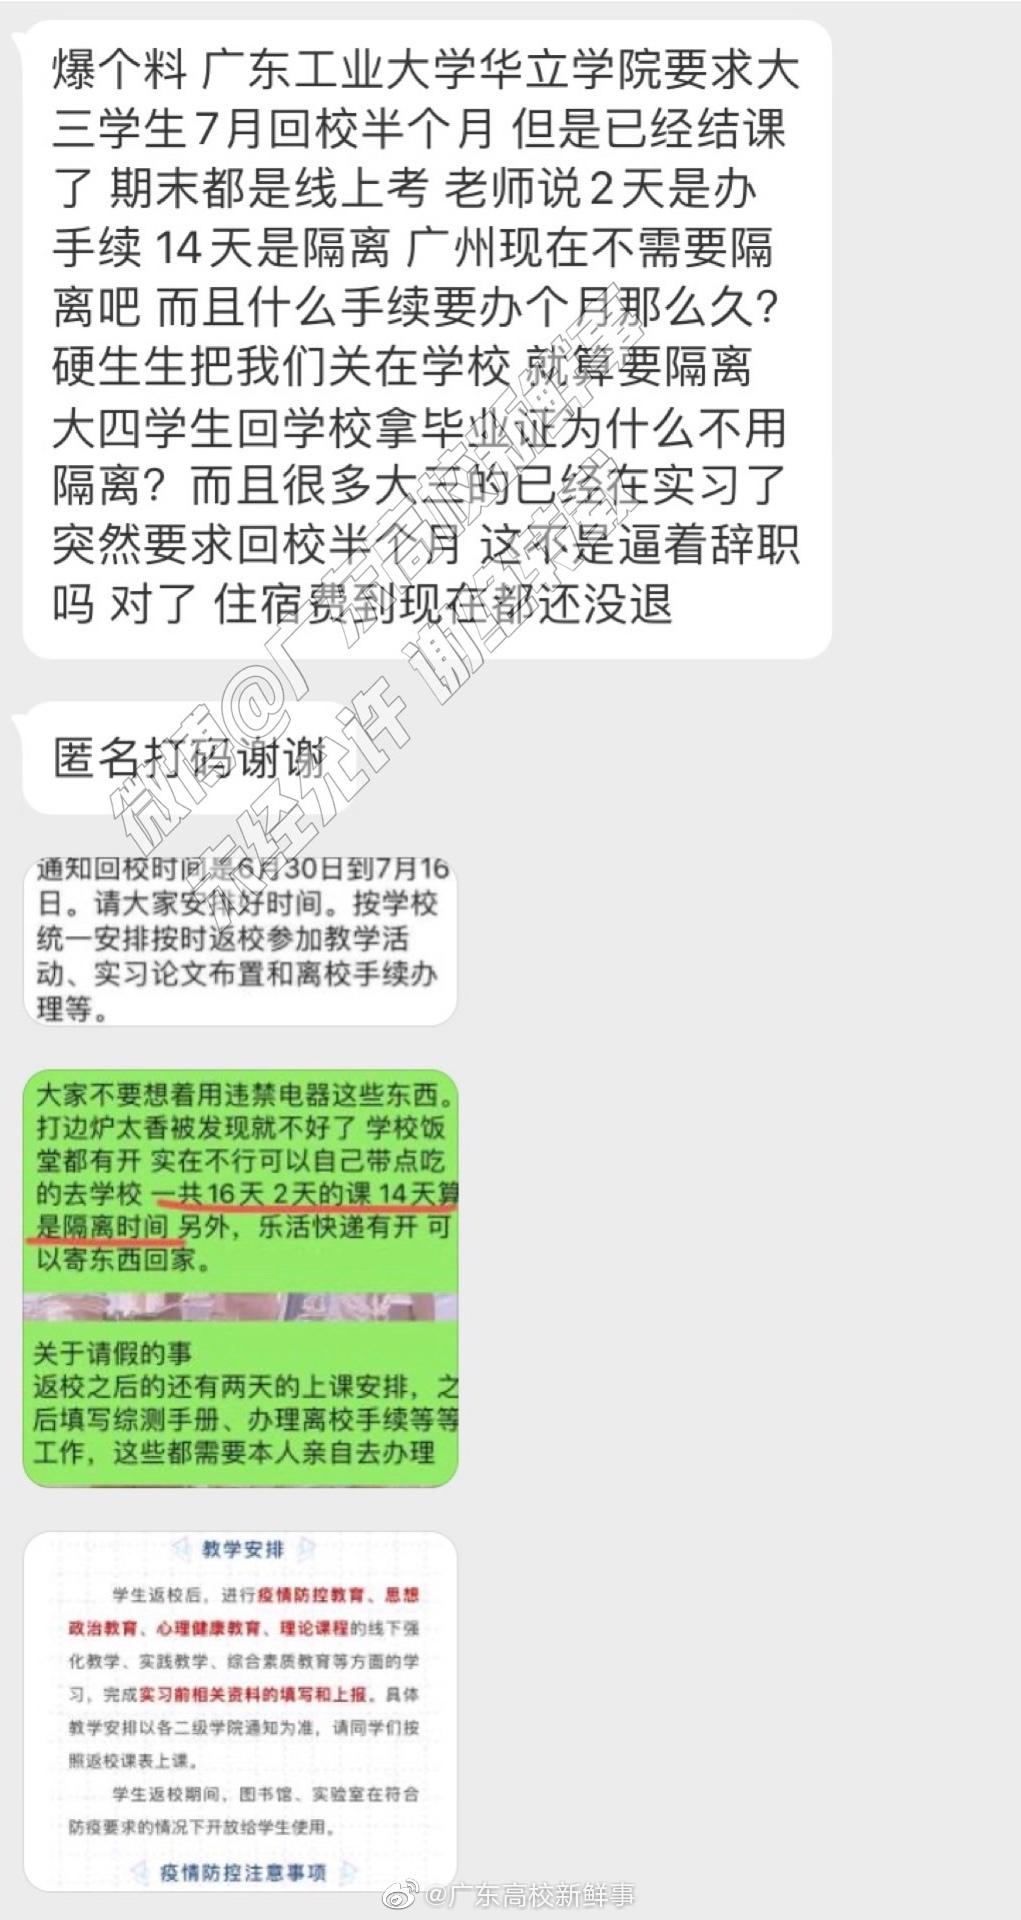 广东工业大学华立学院大三学生7月开学半个月??